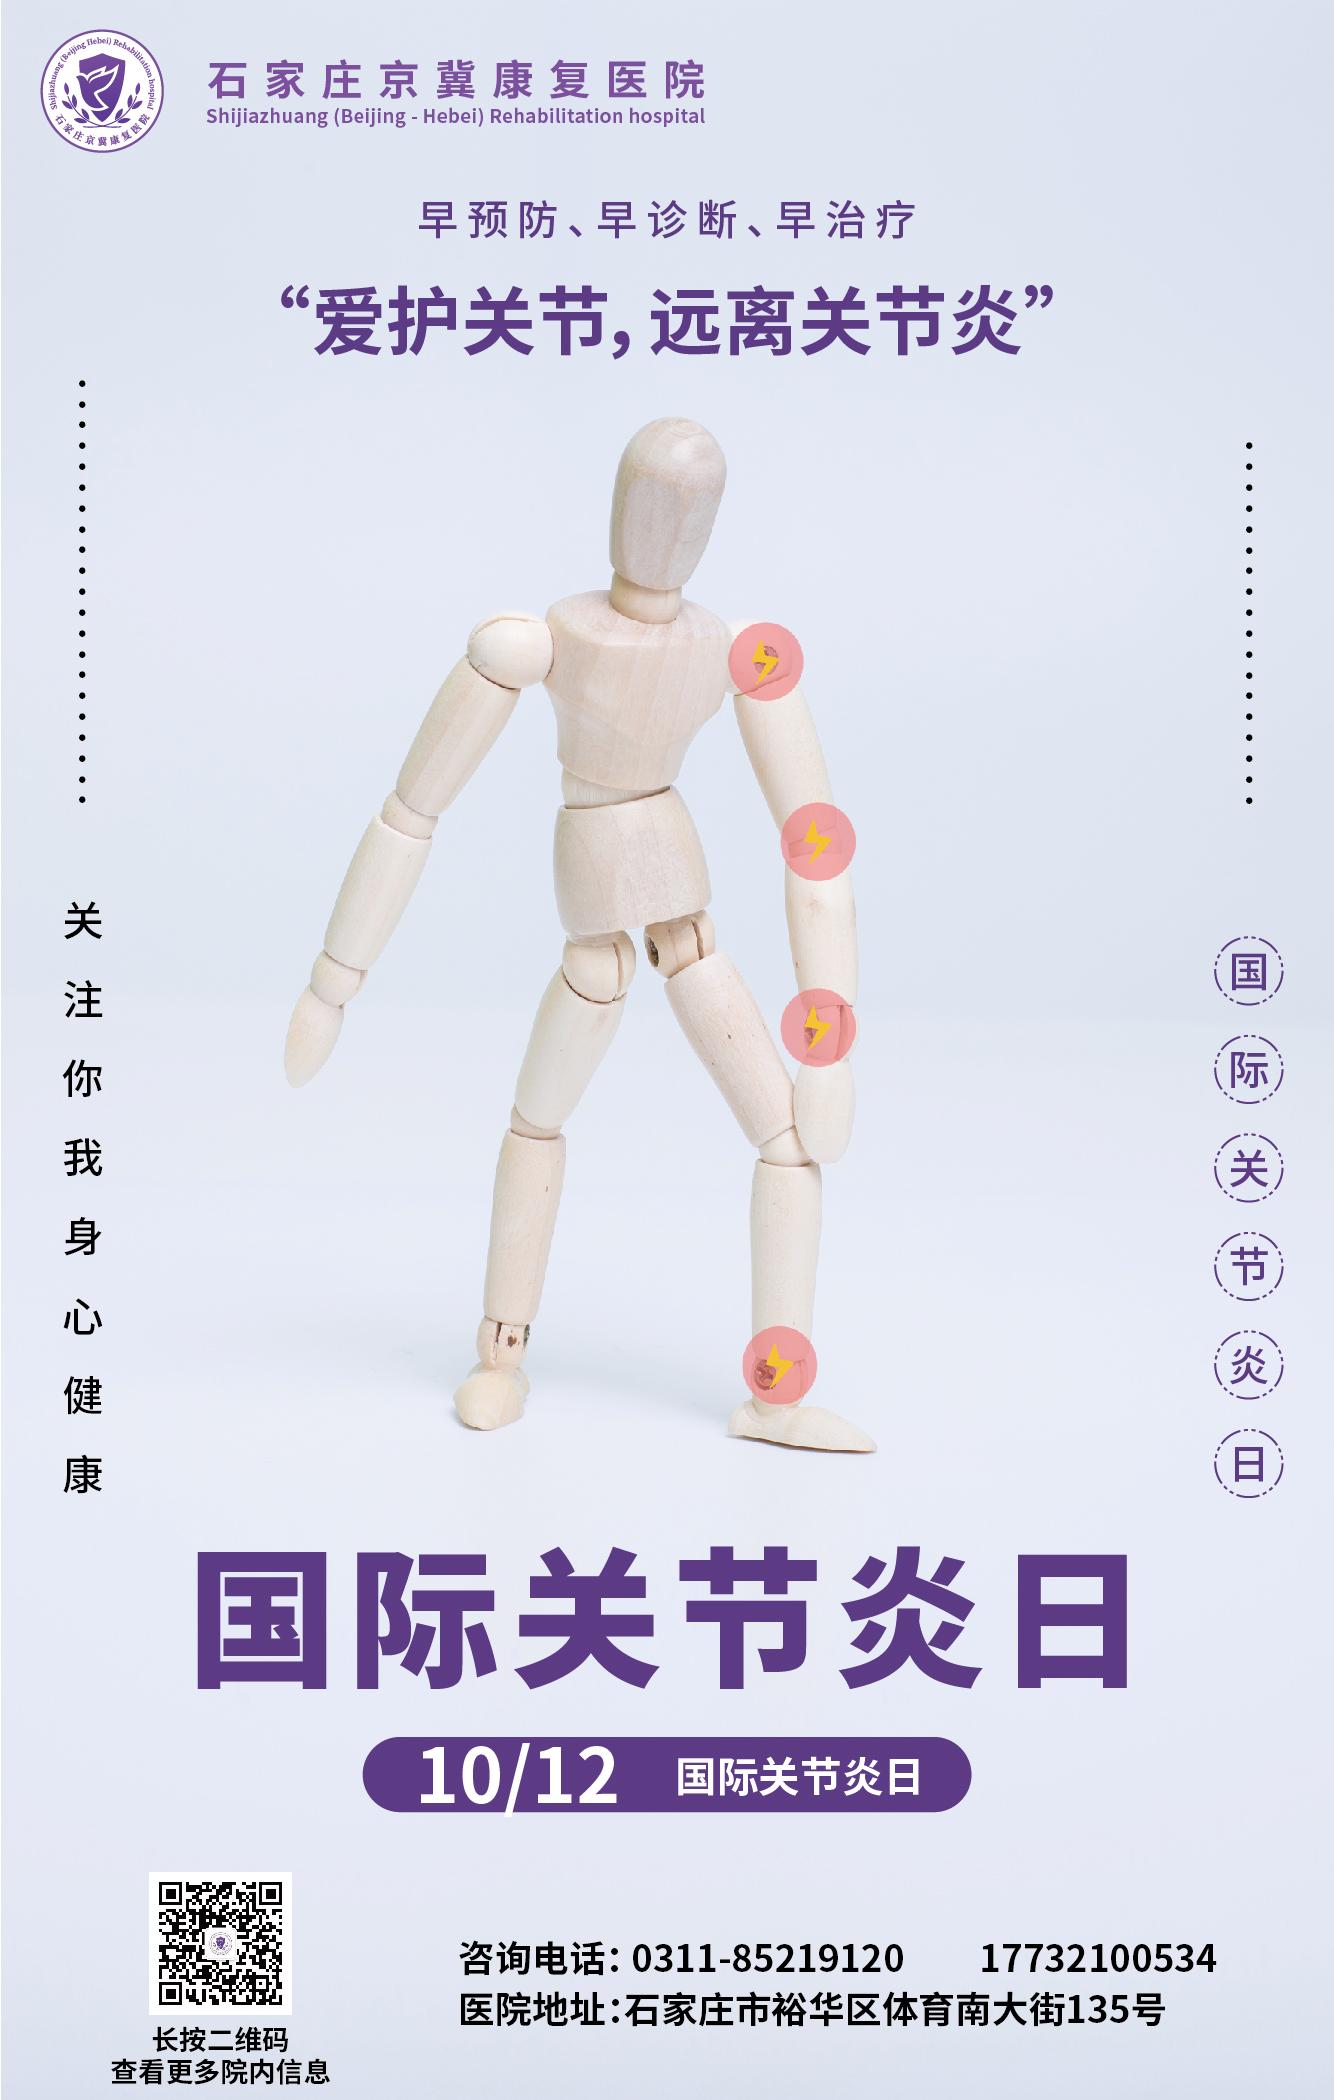 世界关节炎日-石家庄京冀康复医院